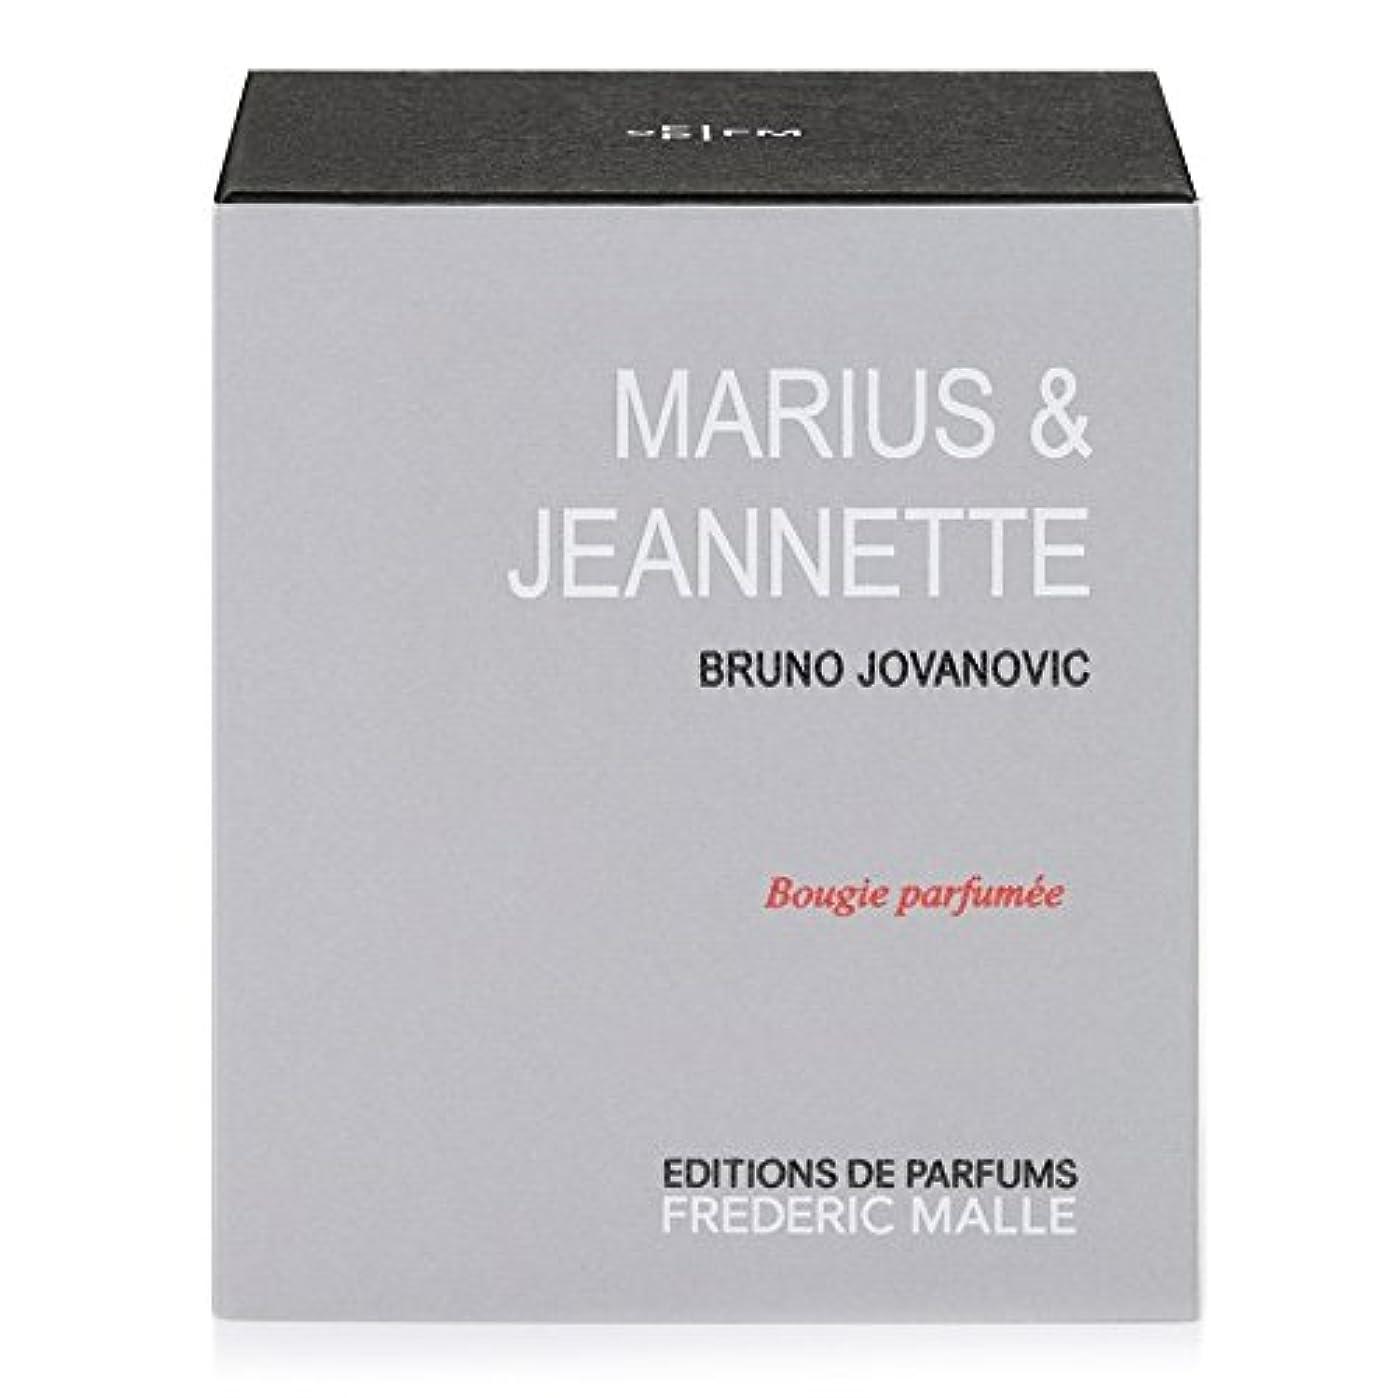 不毛数値炎上フレデリック?マル とジャネット?香りのキャンドル x6 - Frederic Malle Maruis and Jeanette Scented Candle (Pack of 6) [並行輸入品]